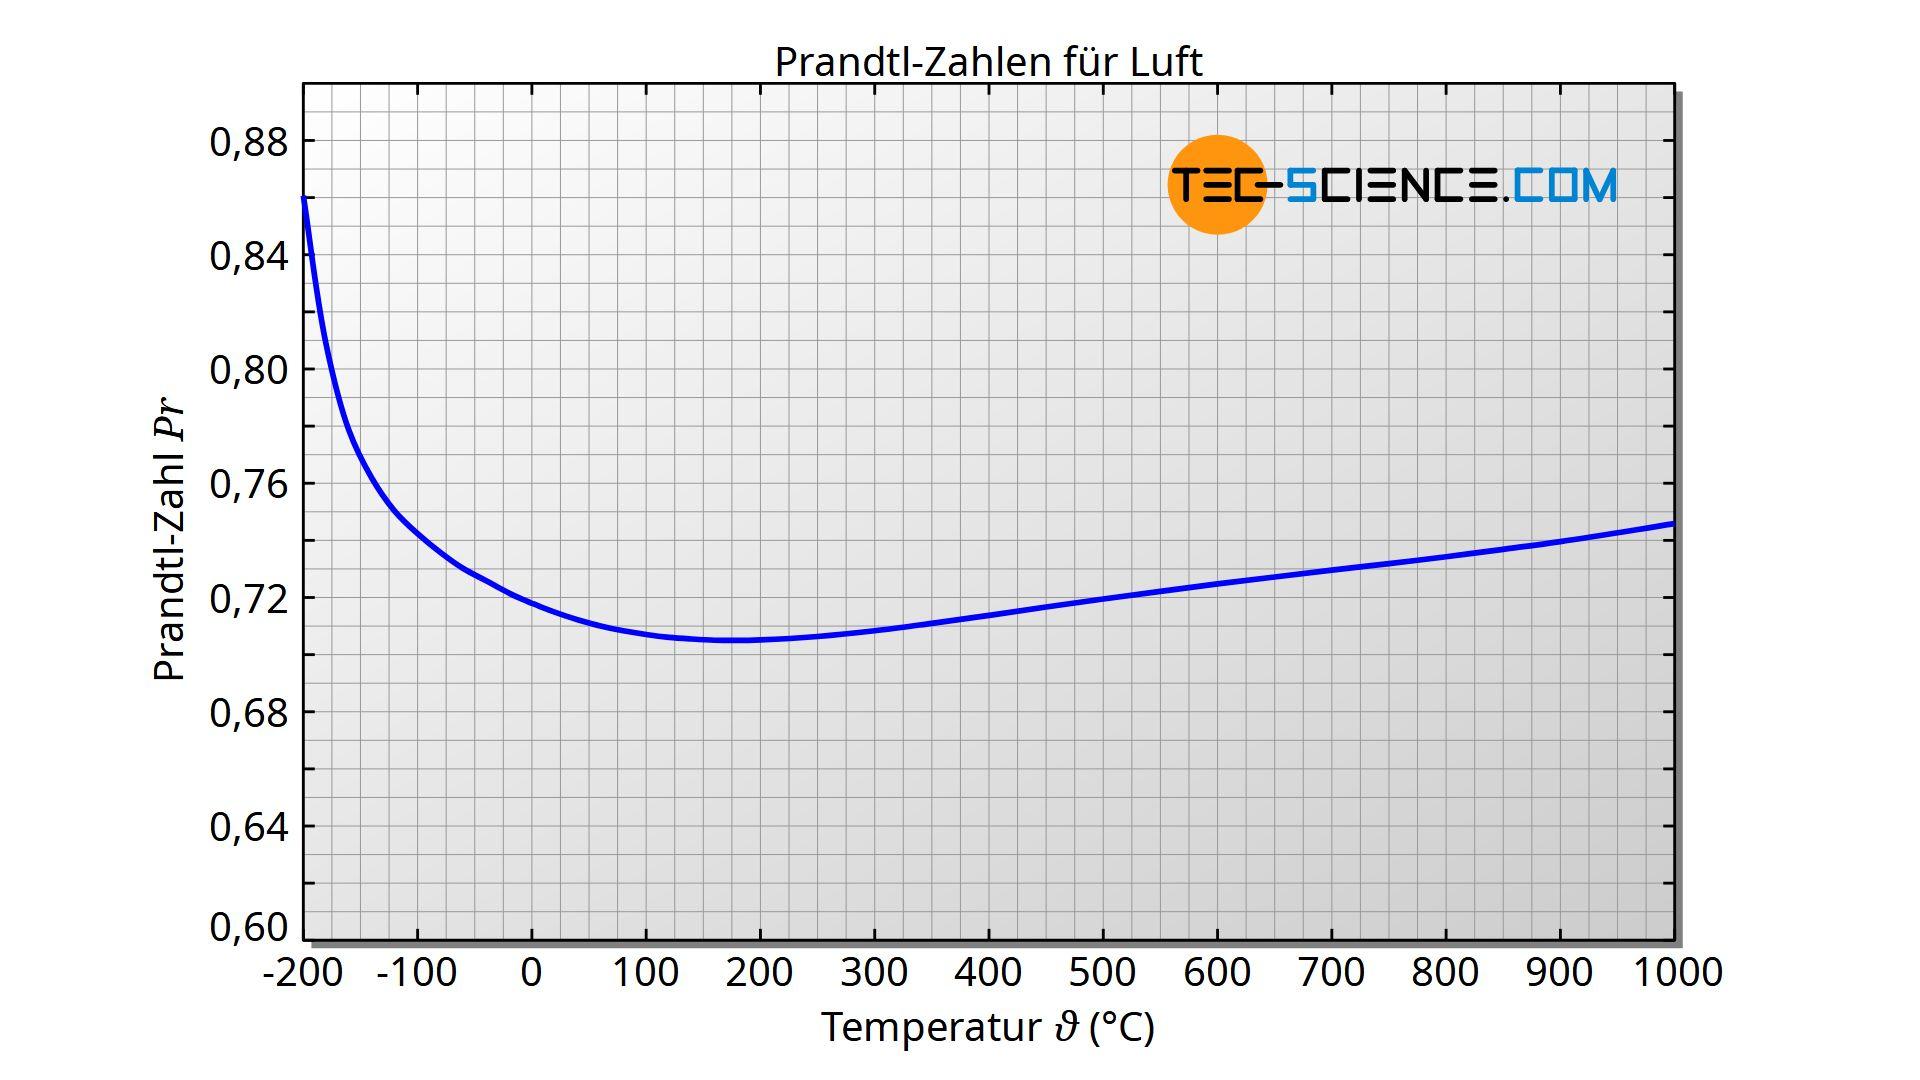 Prandtl-Zahlen für Luft in Abhängigkeit der Temperatur